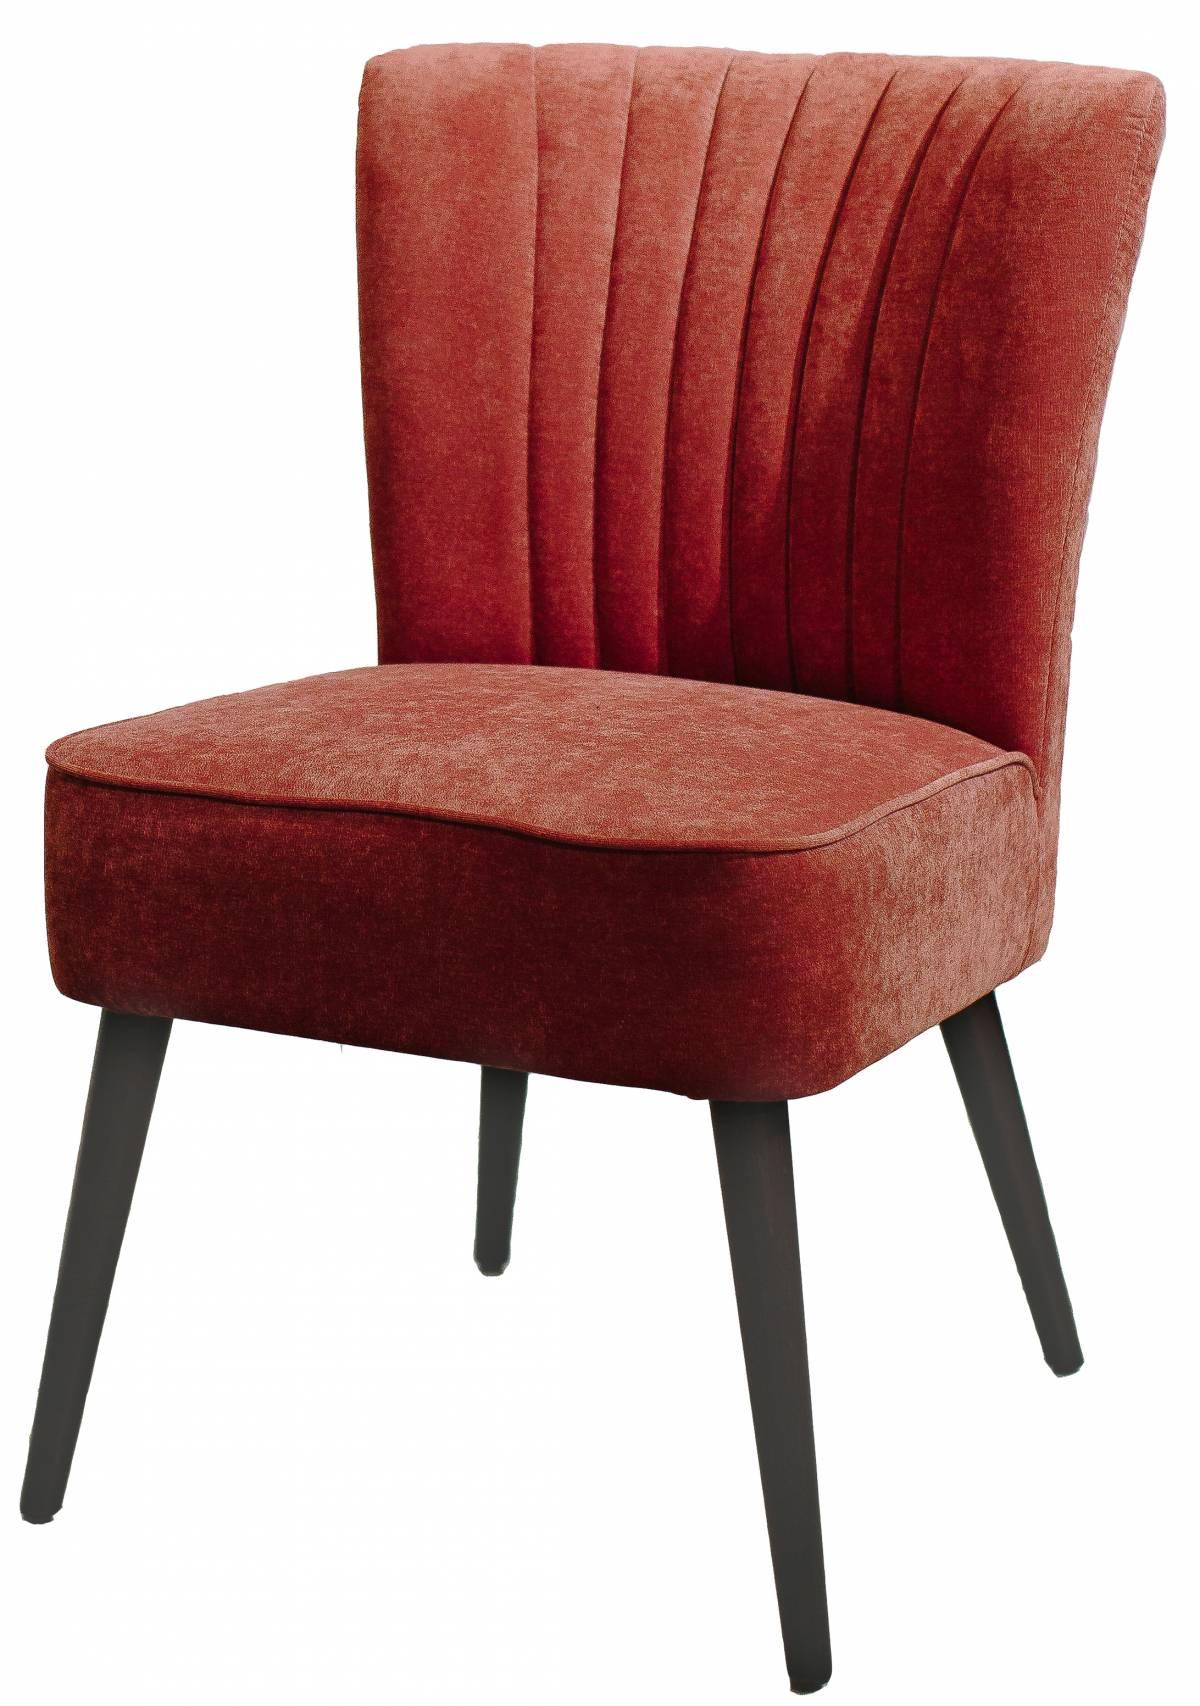 Купить Деревянный стул DAZE в Raroom